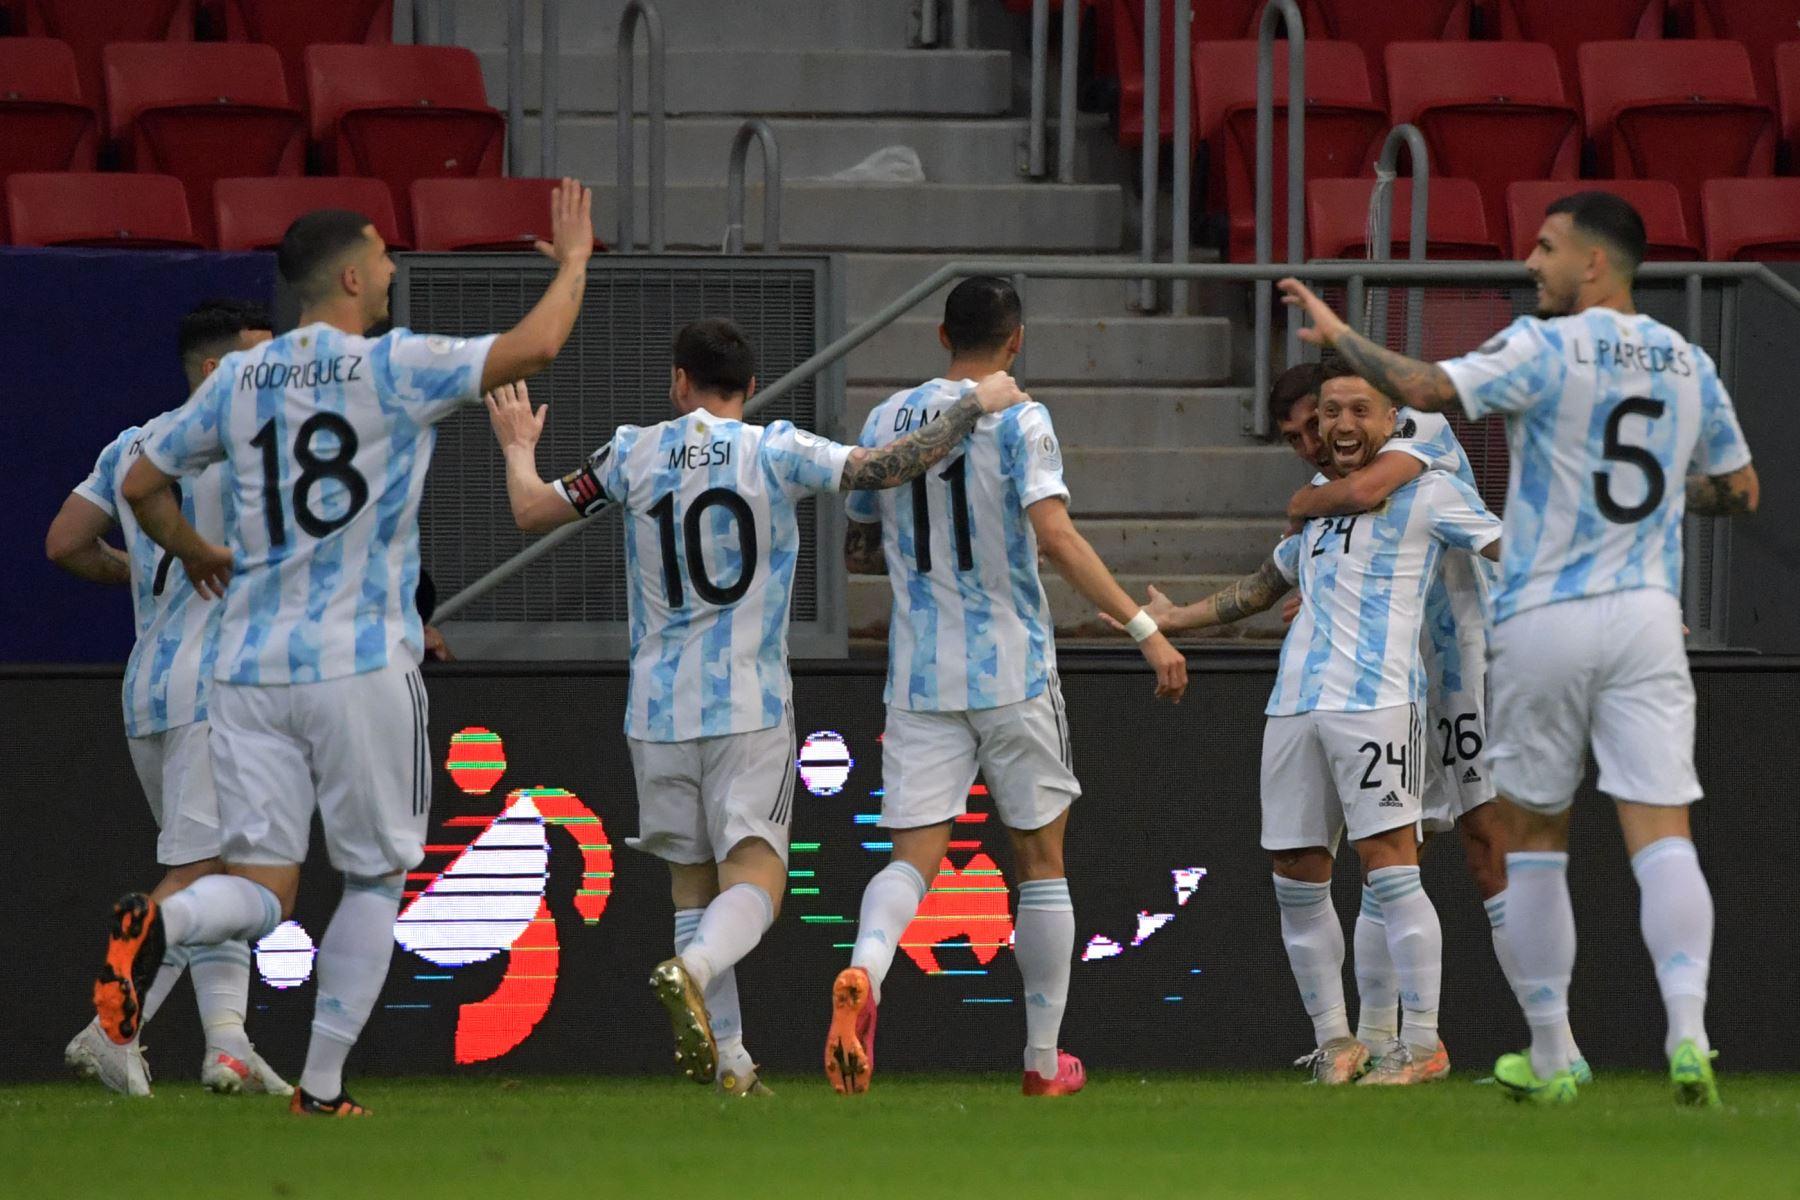 El argentino Alejandro Gómez  celebra con sus compañeros de equipo tras anotar contra Paraguay durante el partido de la fase de grupos del torneo de fútbol Conmebol Copa América 2021 en el estadio Mane Garrincha de Brasilia. Foto: AFP